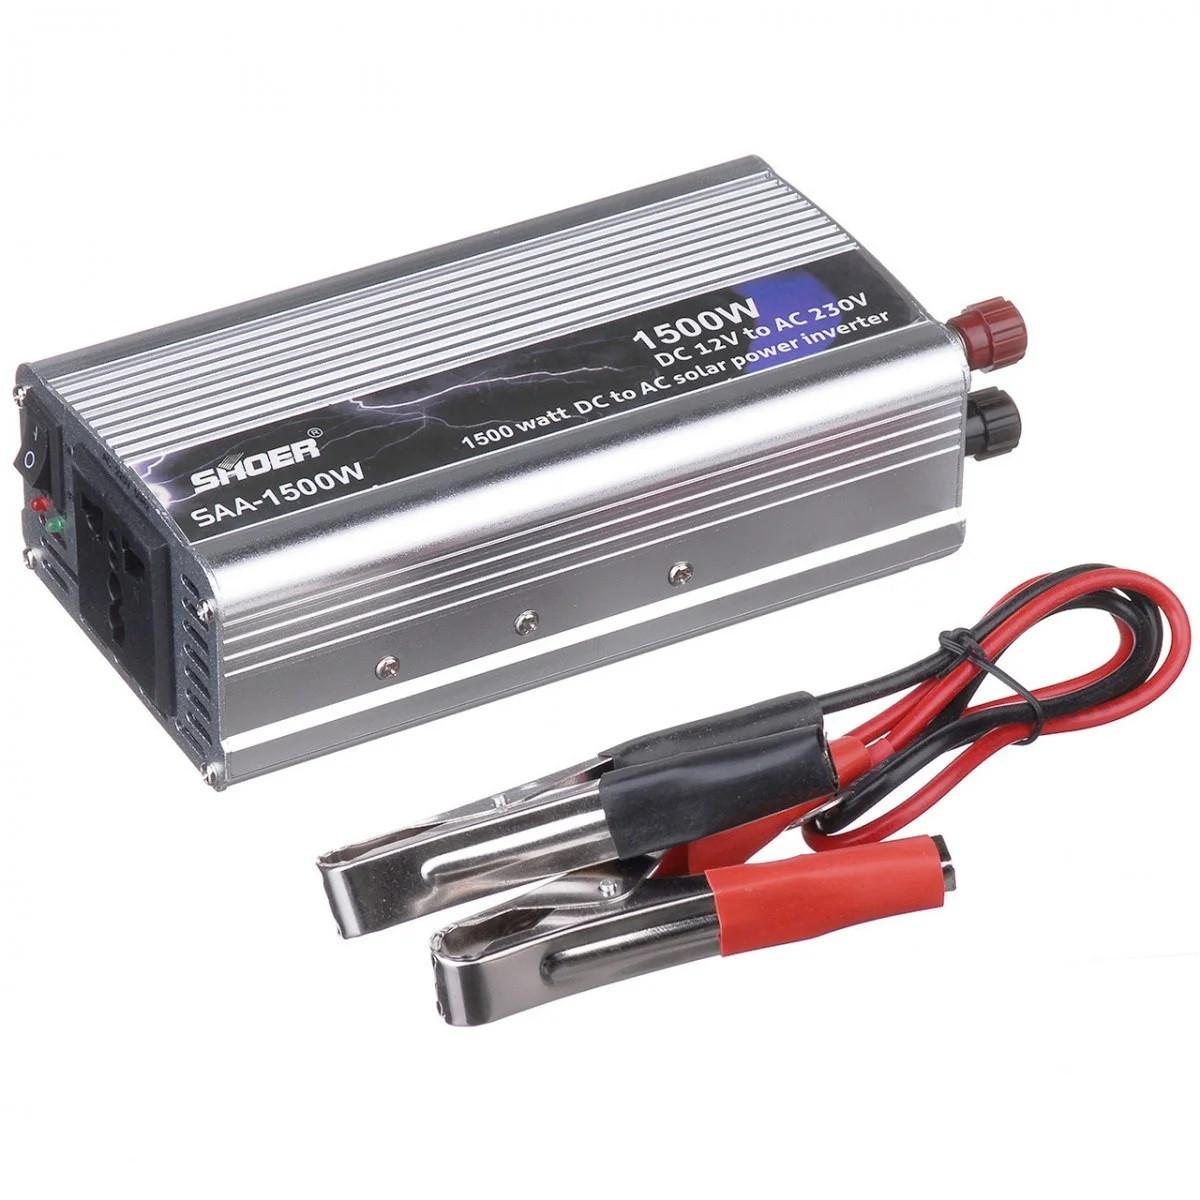 Автомобильный преобразователь напряжения SHOER SAA-1500A 12V-230V 1500W авто инвертор в коробке